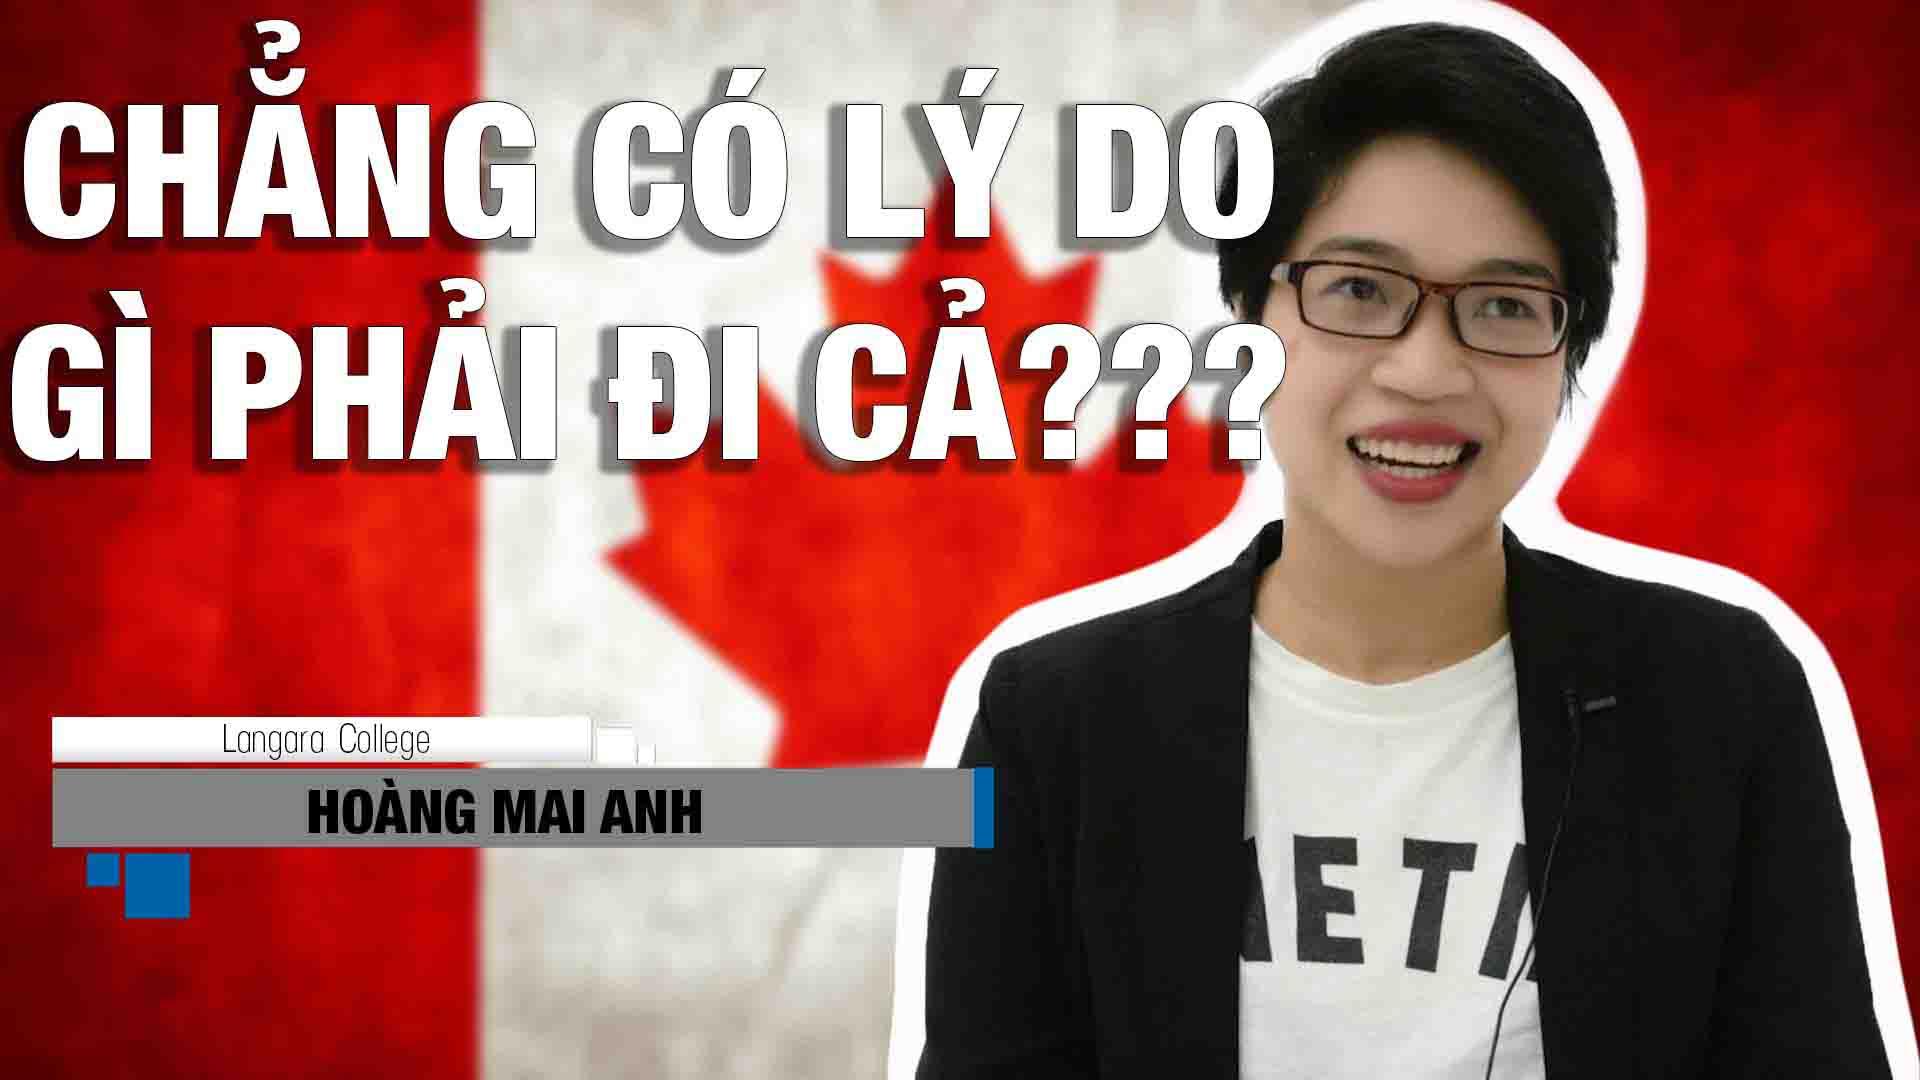 """Cùng đi tìm câu trả lời cho câu hỏi """"Tại sao tôi nên hoặc không nên đi du học Canada"""" qua mục hỏi đáp của INEC với bạn Hoàng Mai Anh (sinh viên du học Canada ngành Quản trị Kinh doanh tại Langara College, Vancouver)"""